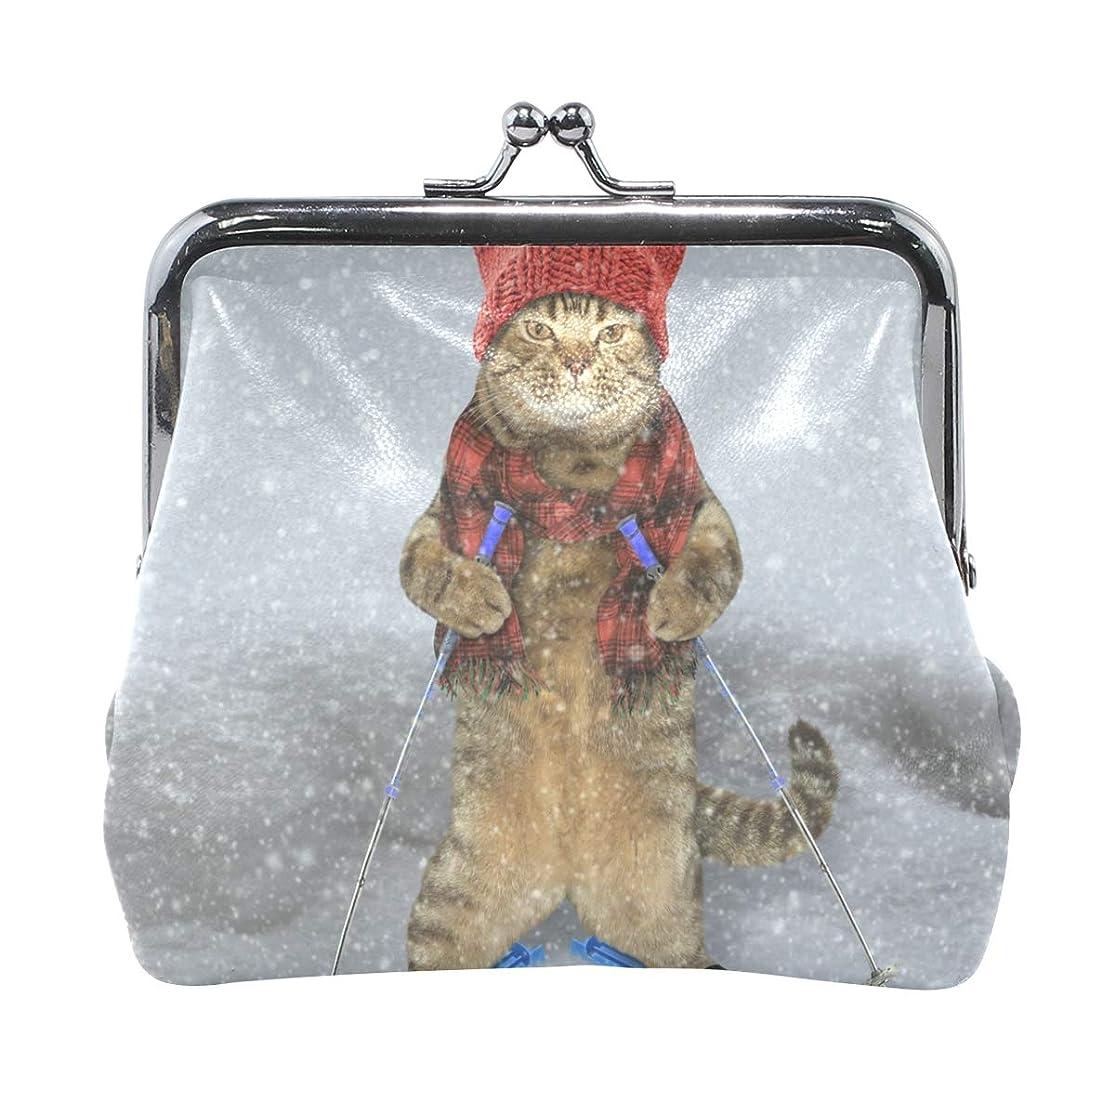 壊す昇る納得させるAOMOKI 財布 小銭入れ ガマ口 コインケース レディース メンズ レザー 丸形 おしゃれ プレゼント ギフト デザイン オリジナル 小物ケース 猫柄 可愛い 雪